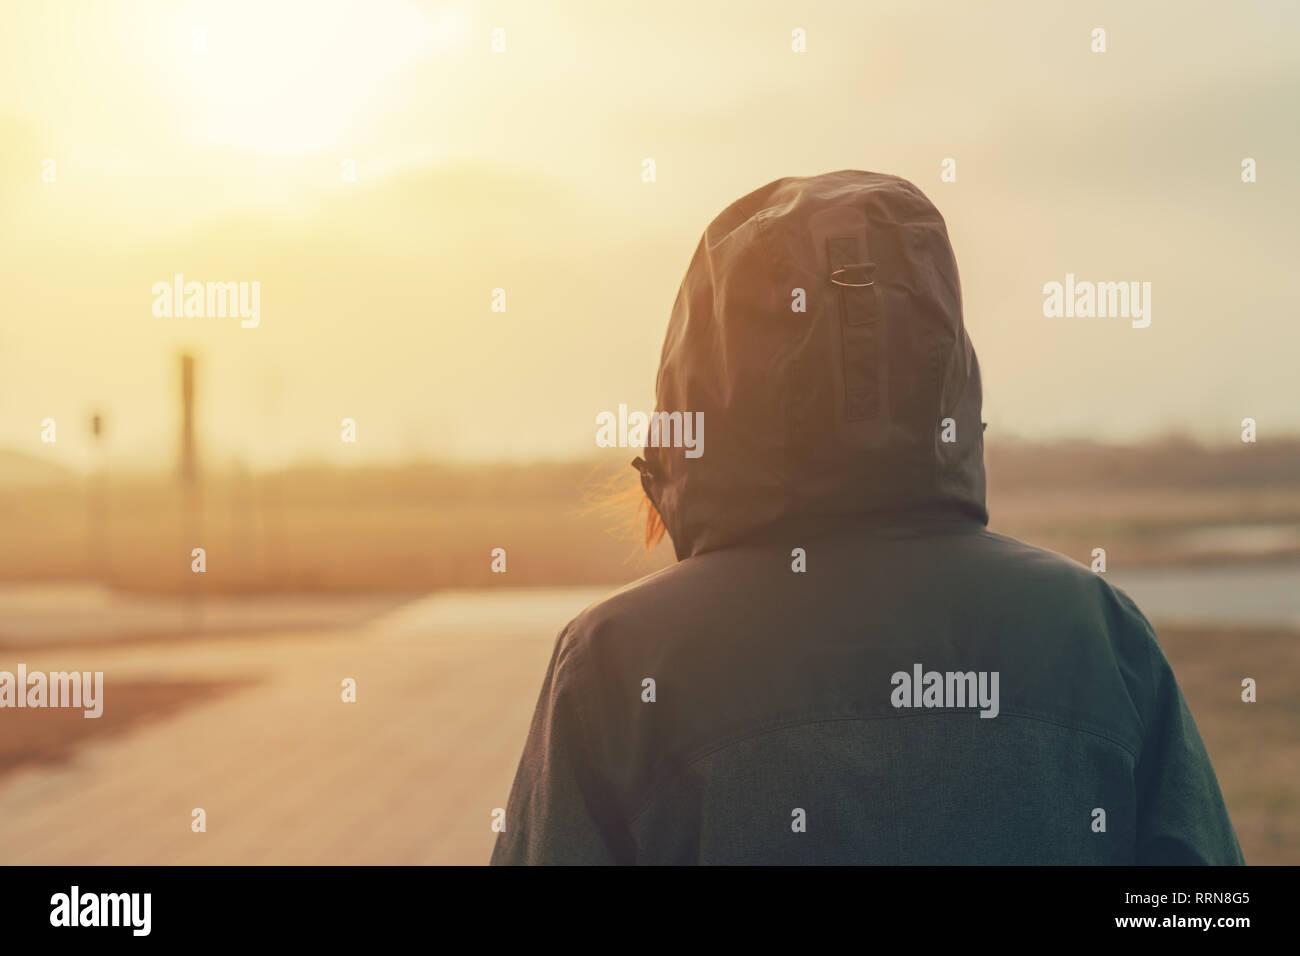 Ansicht der Rückseite mit Kapuze weibliche Person zu Fuß die Stadt Straße im kalten Winter am Nachmittag Stockfoto